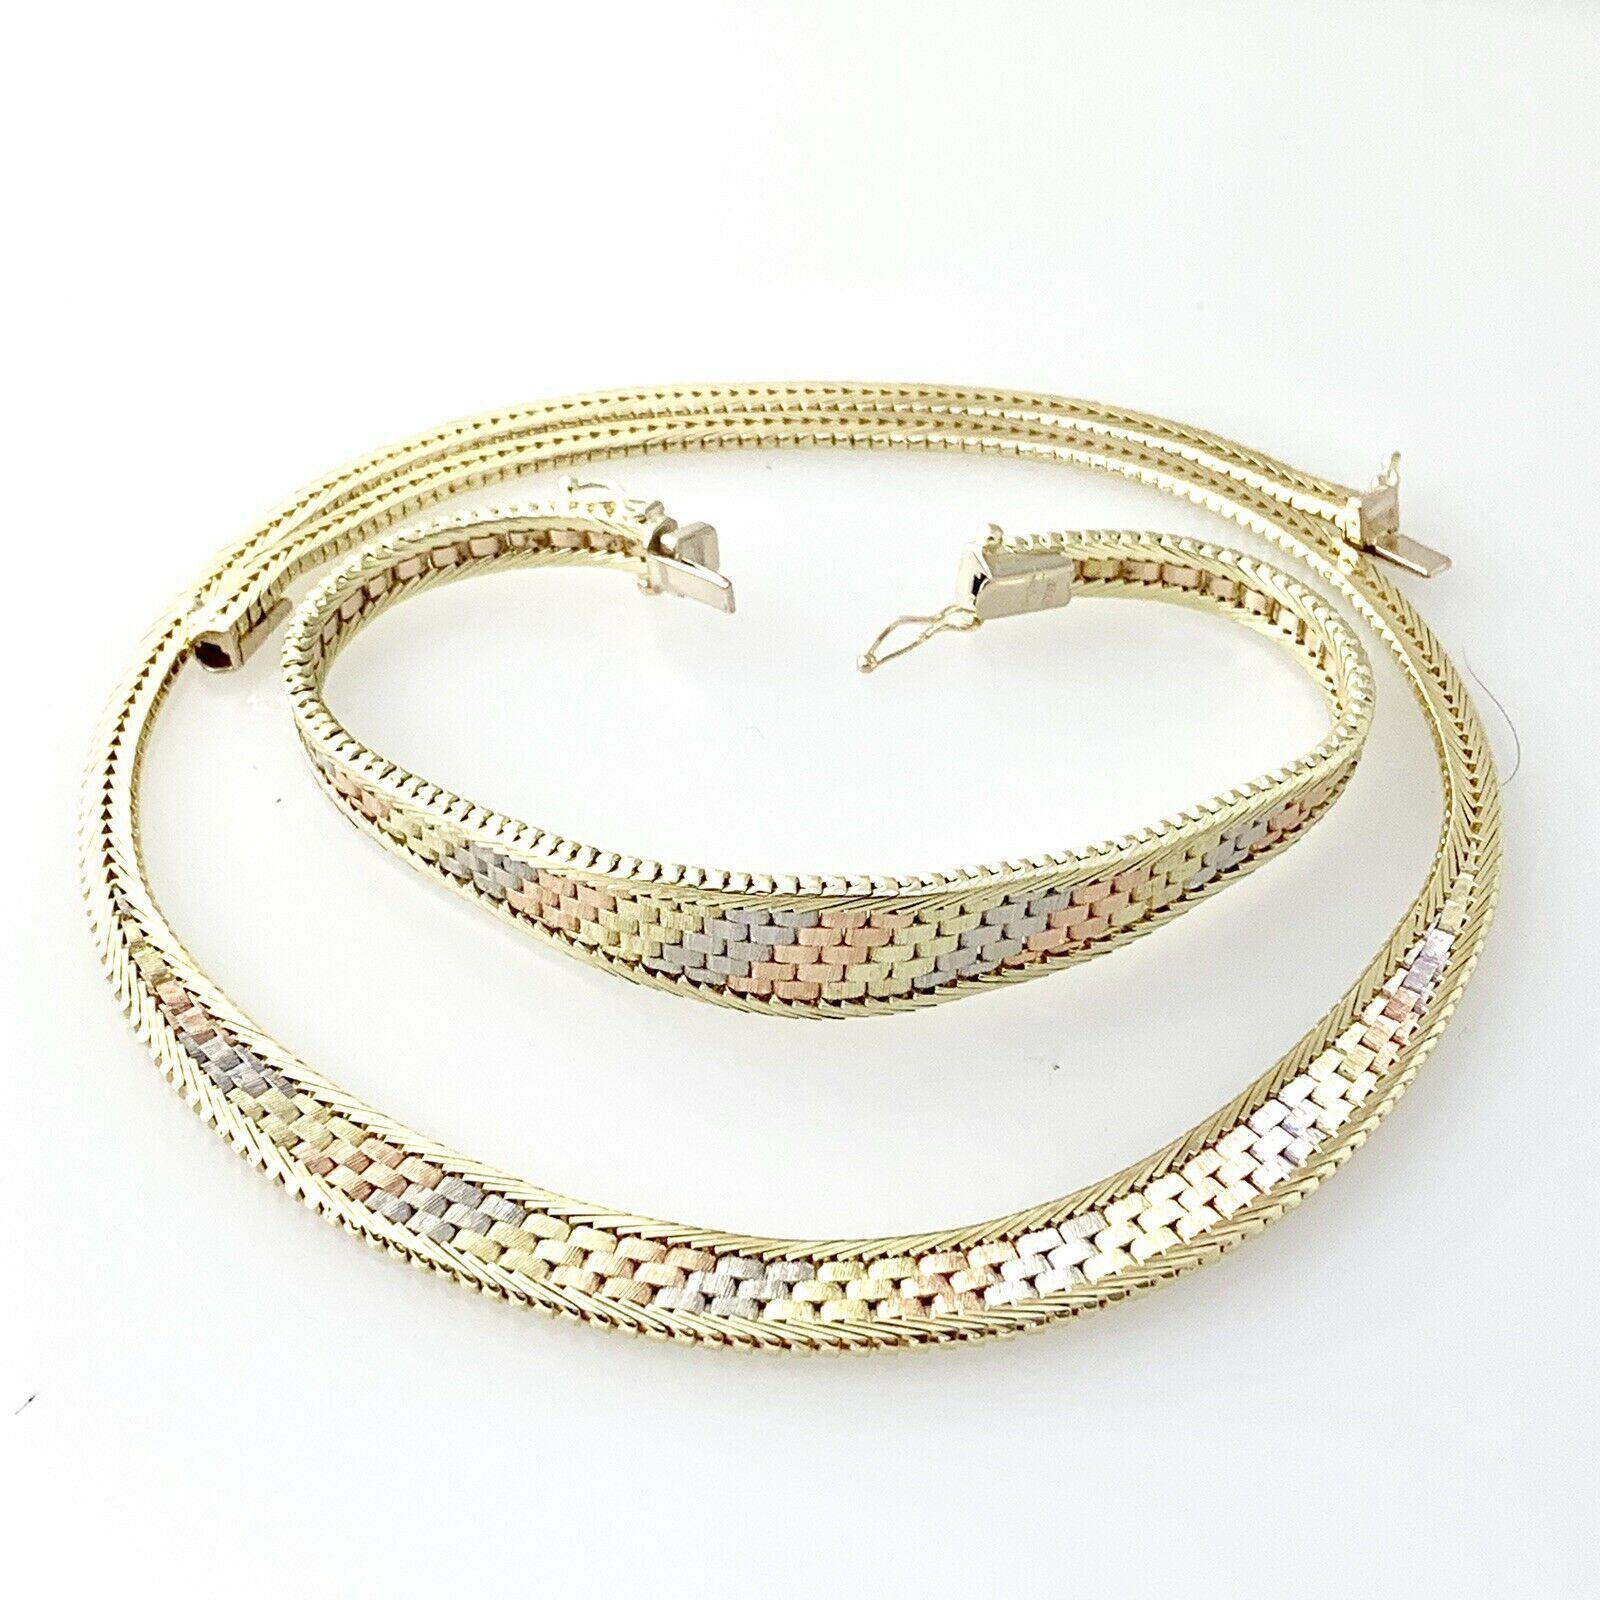 Basket Weave Necklace Bracelet Set 3 Tone 14k Solid Gold